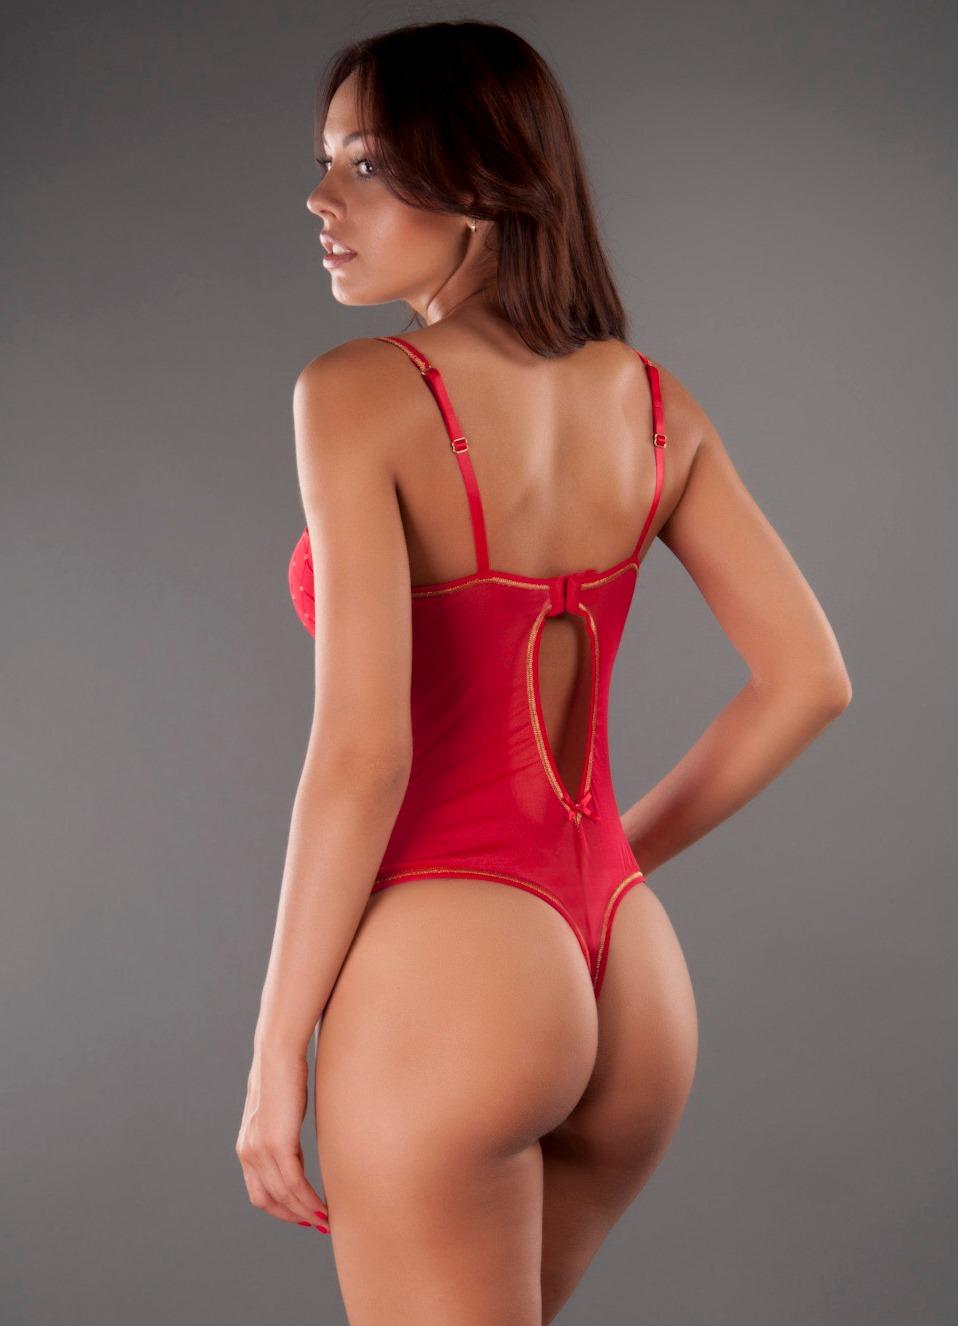 Beautiful asian av models nude